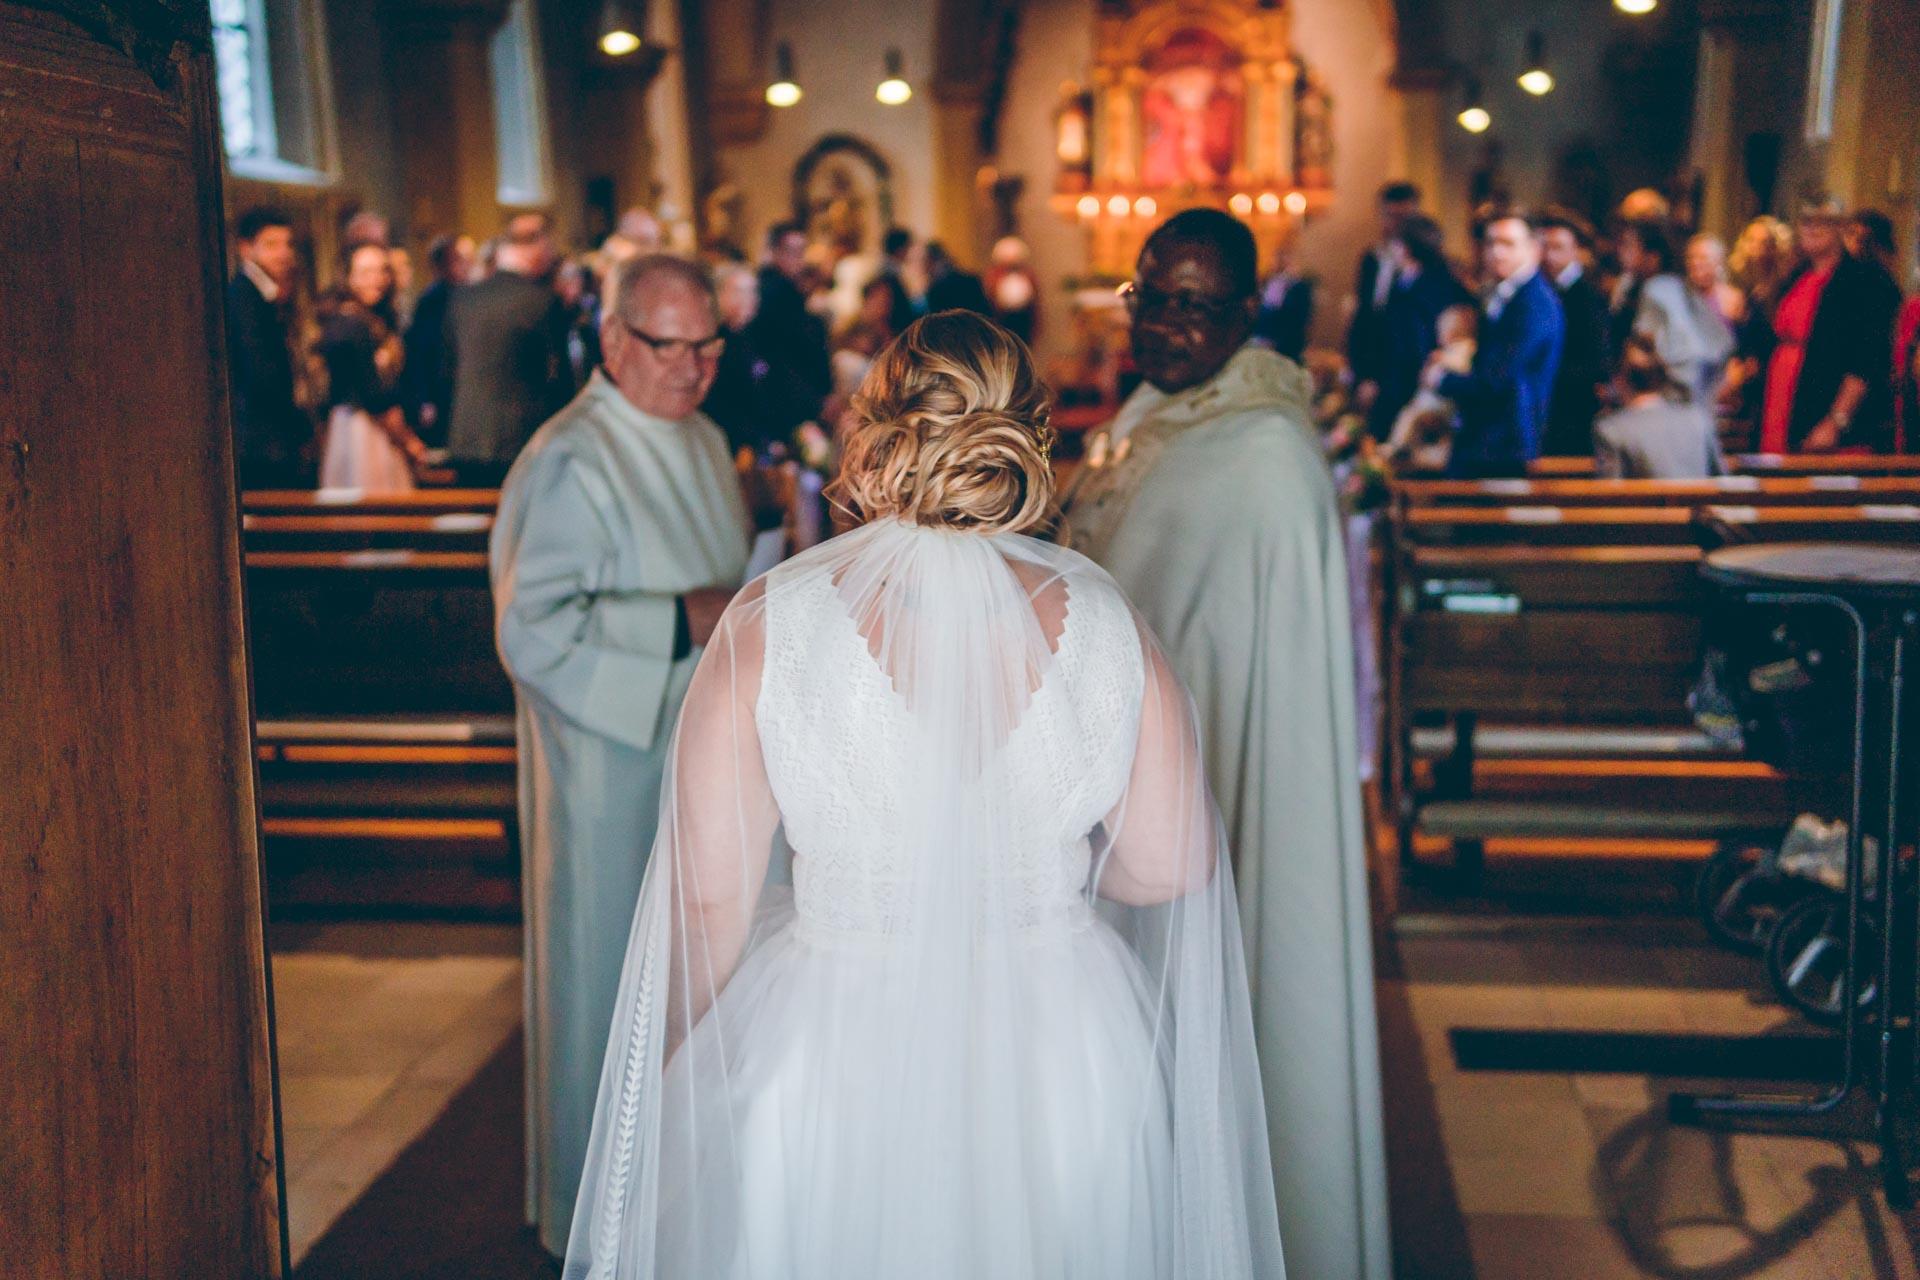 Katholische Hochzeit in München im Sommer mit Pfarrern und Braut